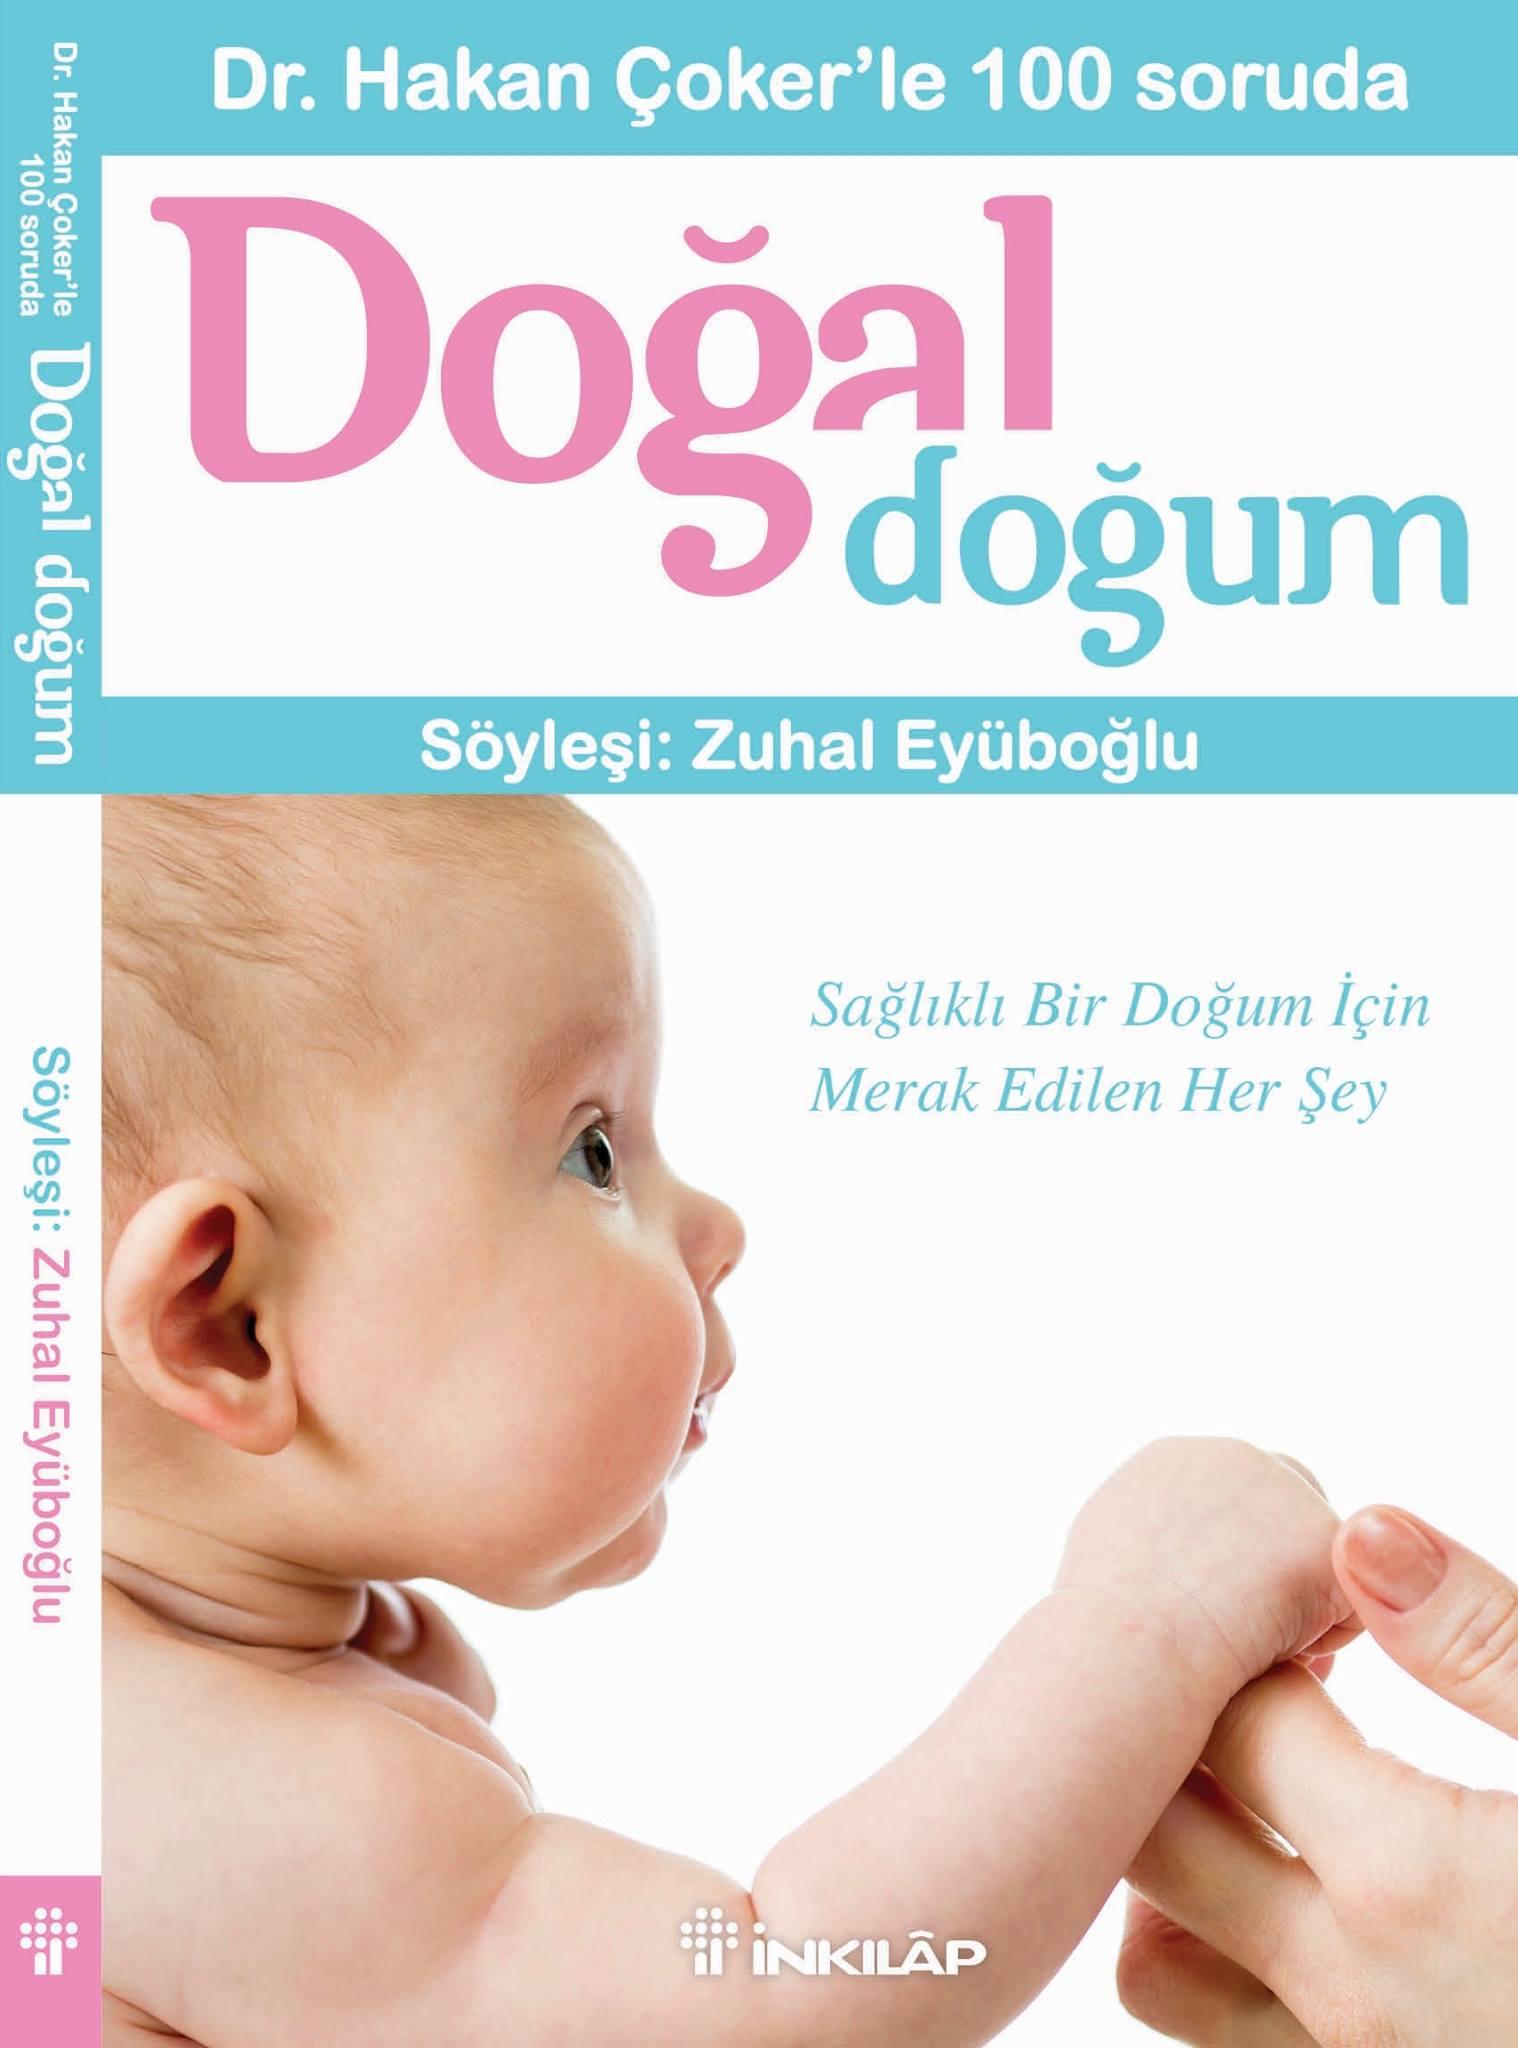 Dr. Hakan Çoker'le 100 Soruda Doğal Doğum kitabı çıktı.